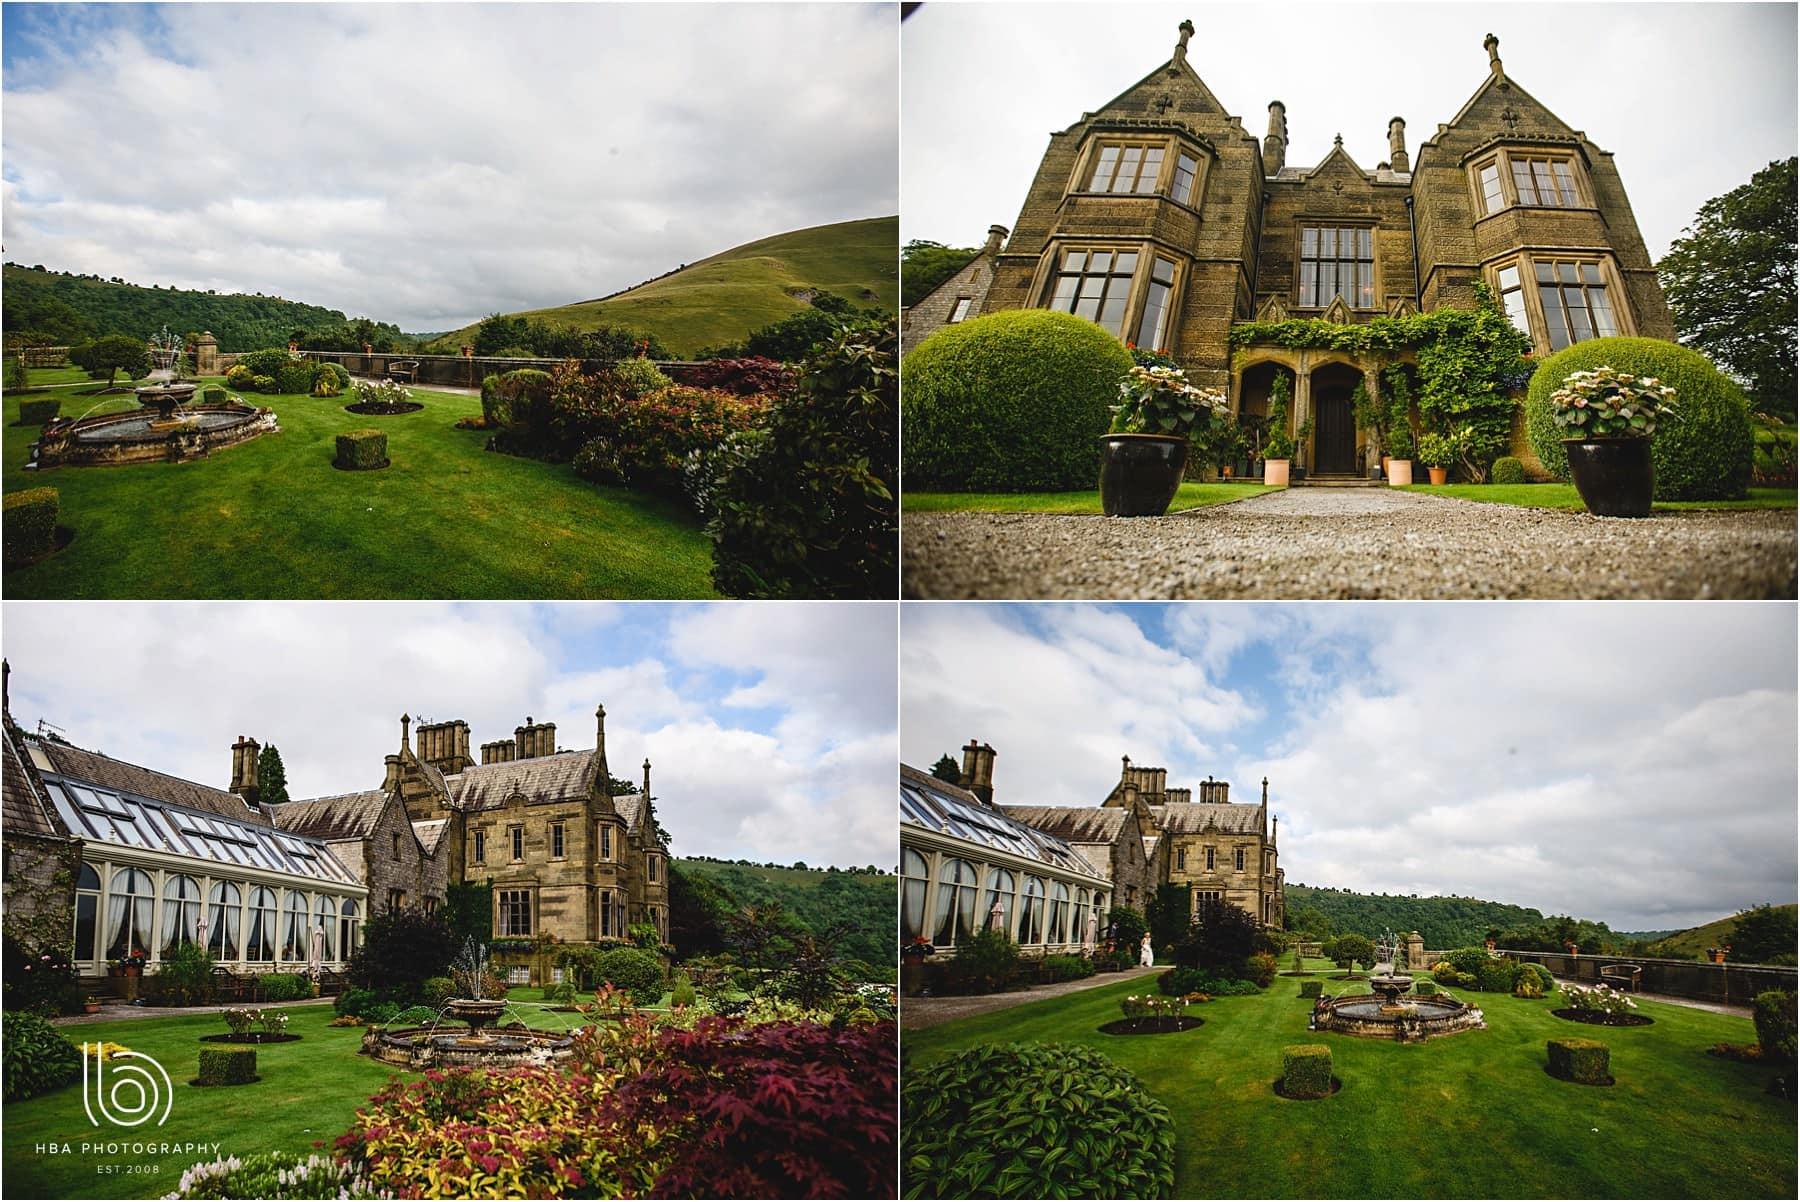 photos of Cressbrook Hall